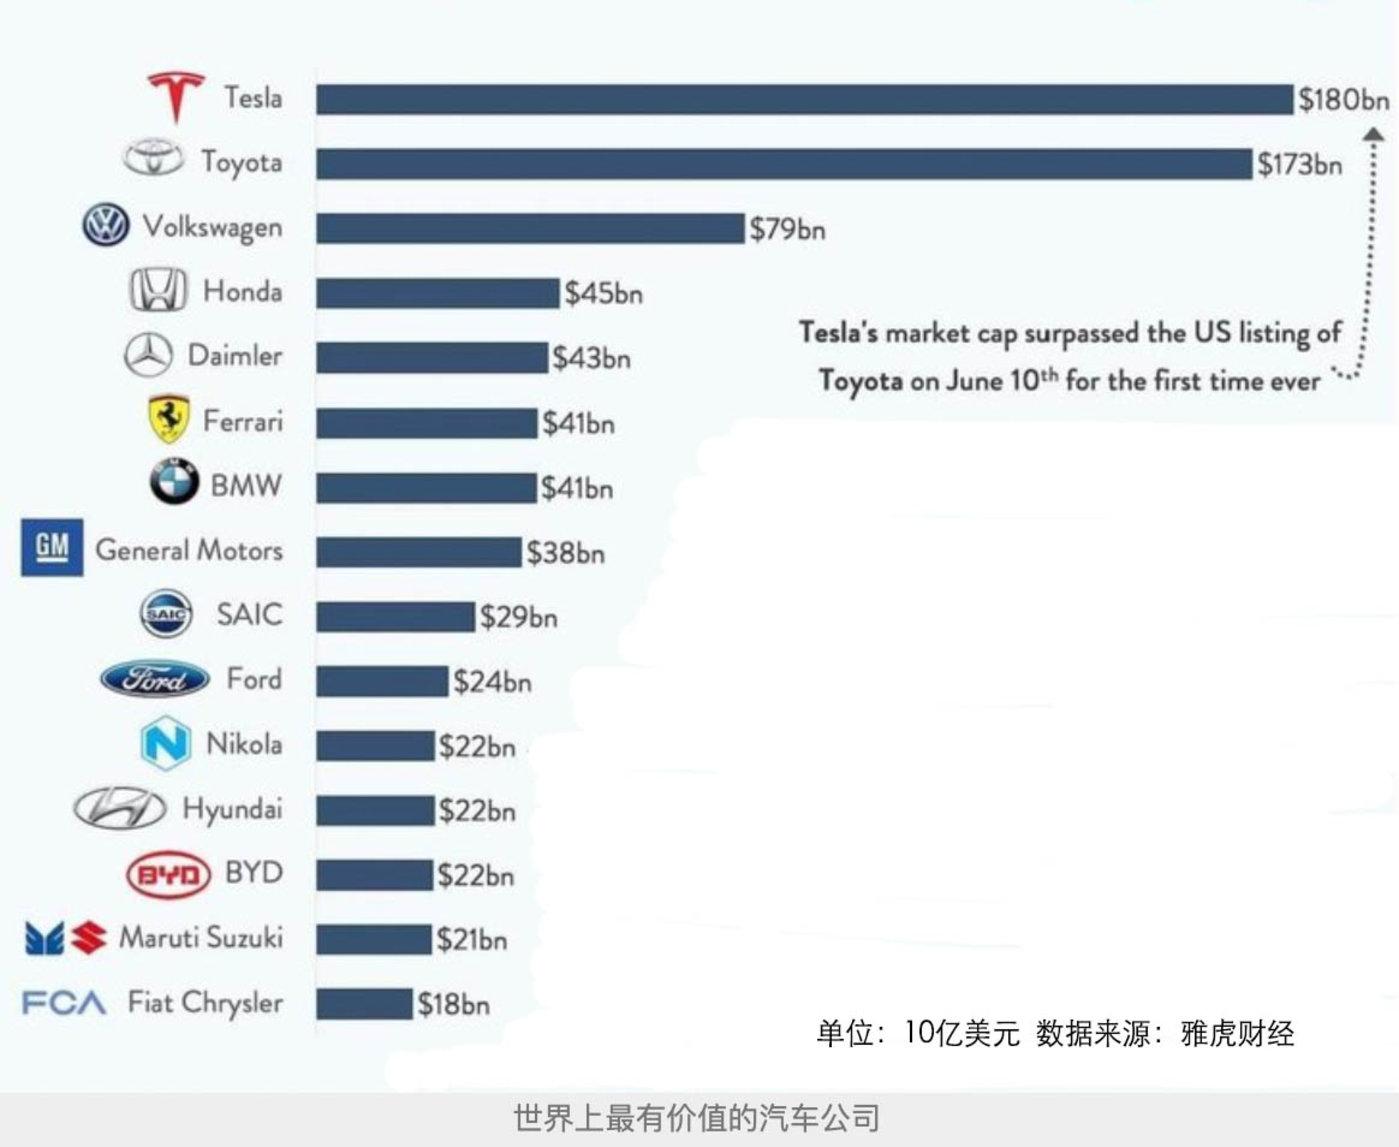 """""""超越""""丰田的特斯拉,继续冲击3000亿市值还是泡沫渐破?"""